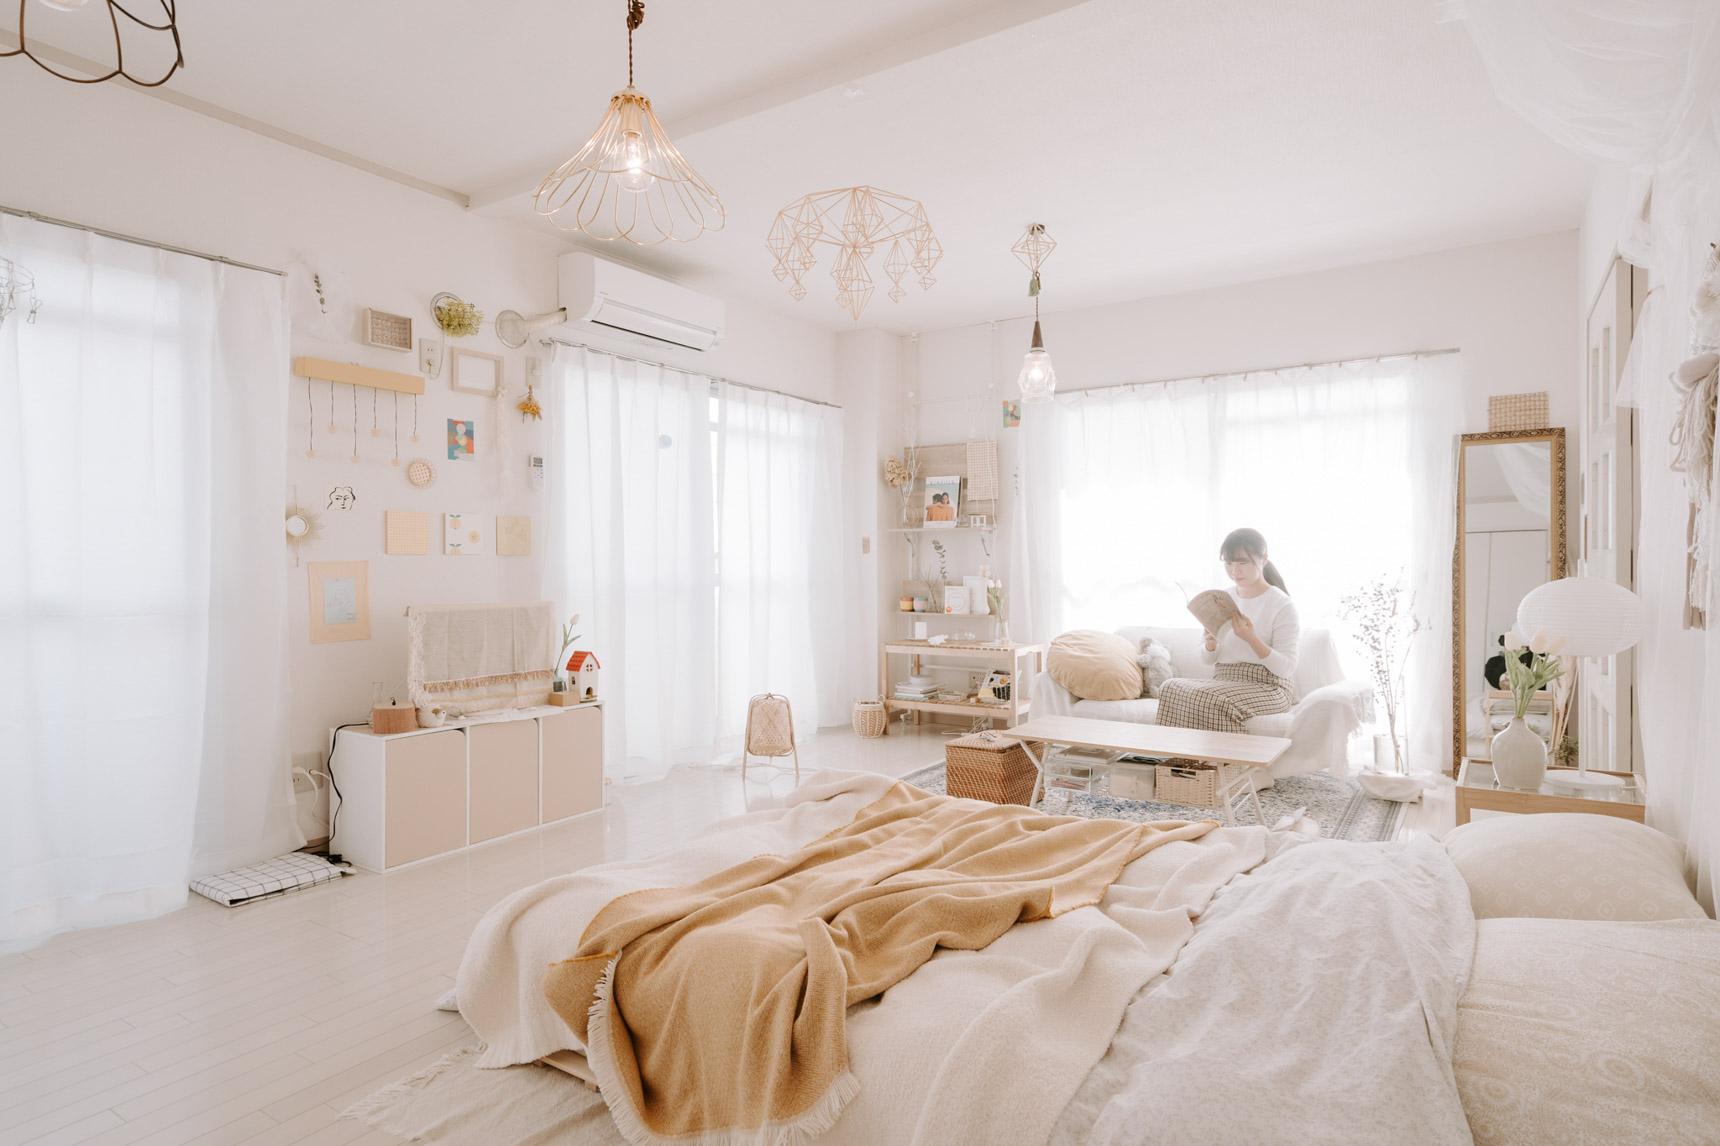 白い色のカーテンはシンプルだけど、光を多く取り込んでくれるのでお部屋全体が明るく見えますね。(このお部屋はこちら)